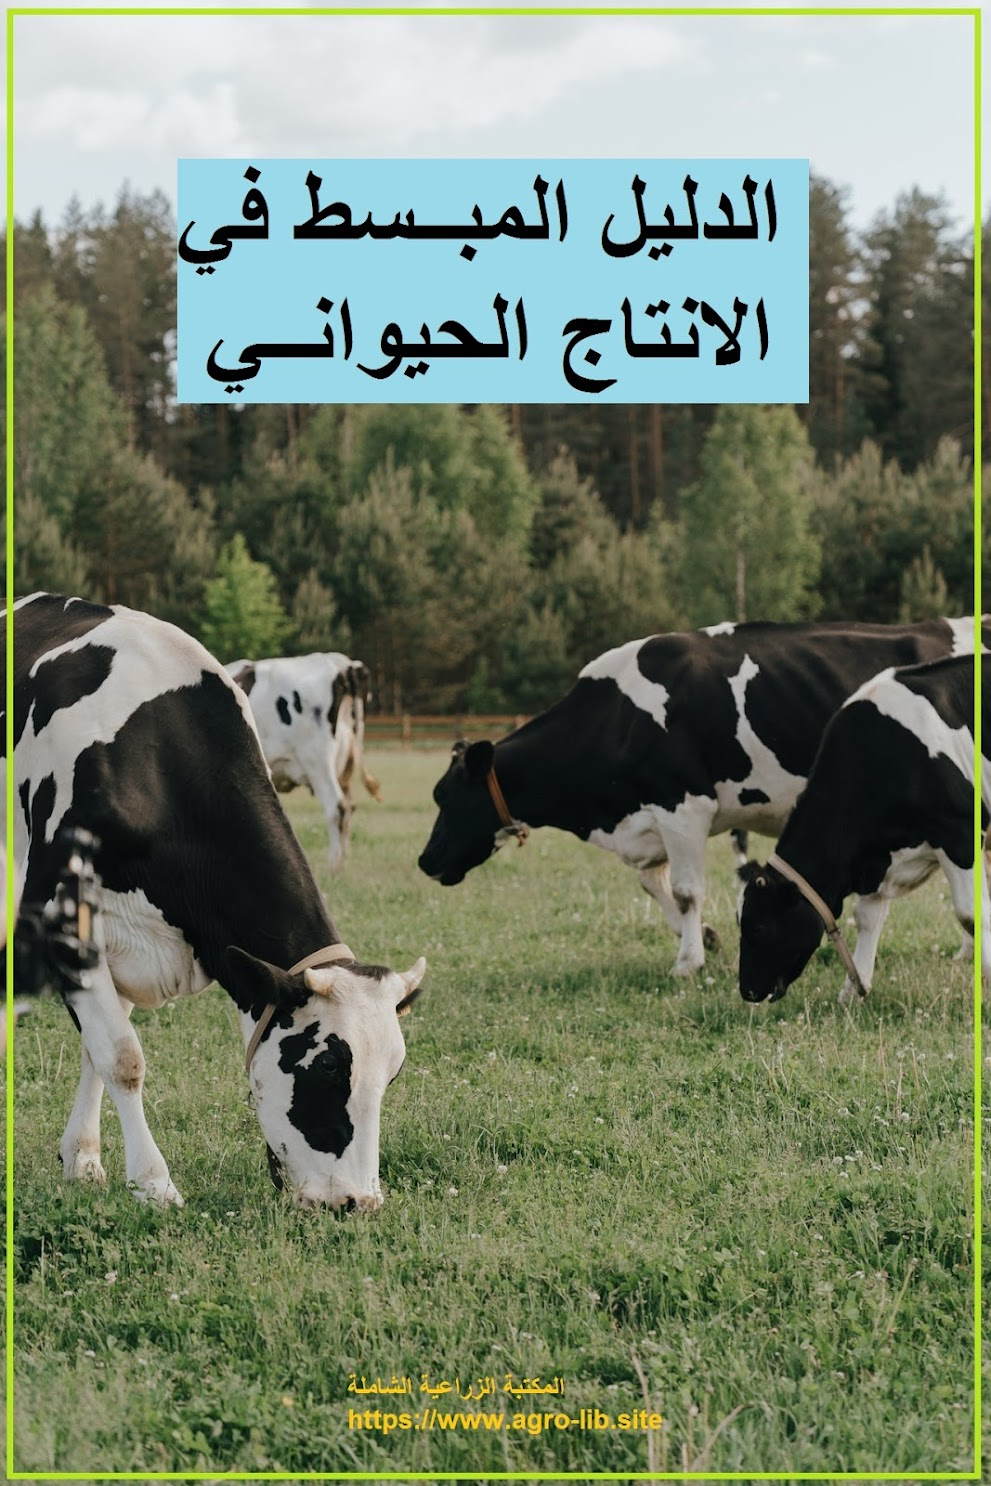 كتاب : الدليل المبسط في الانتاج الحيواني